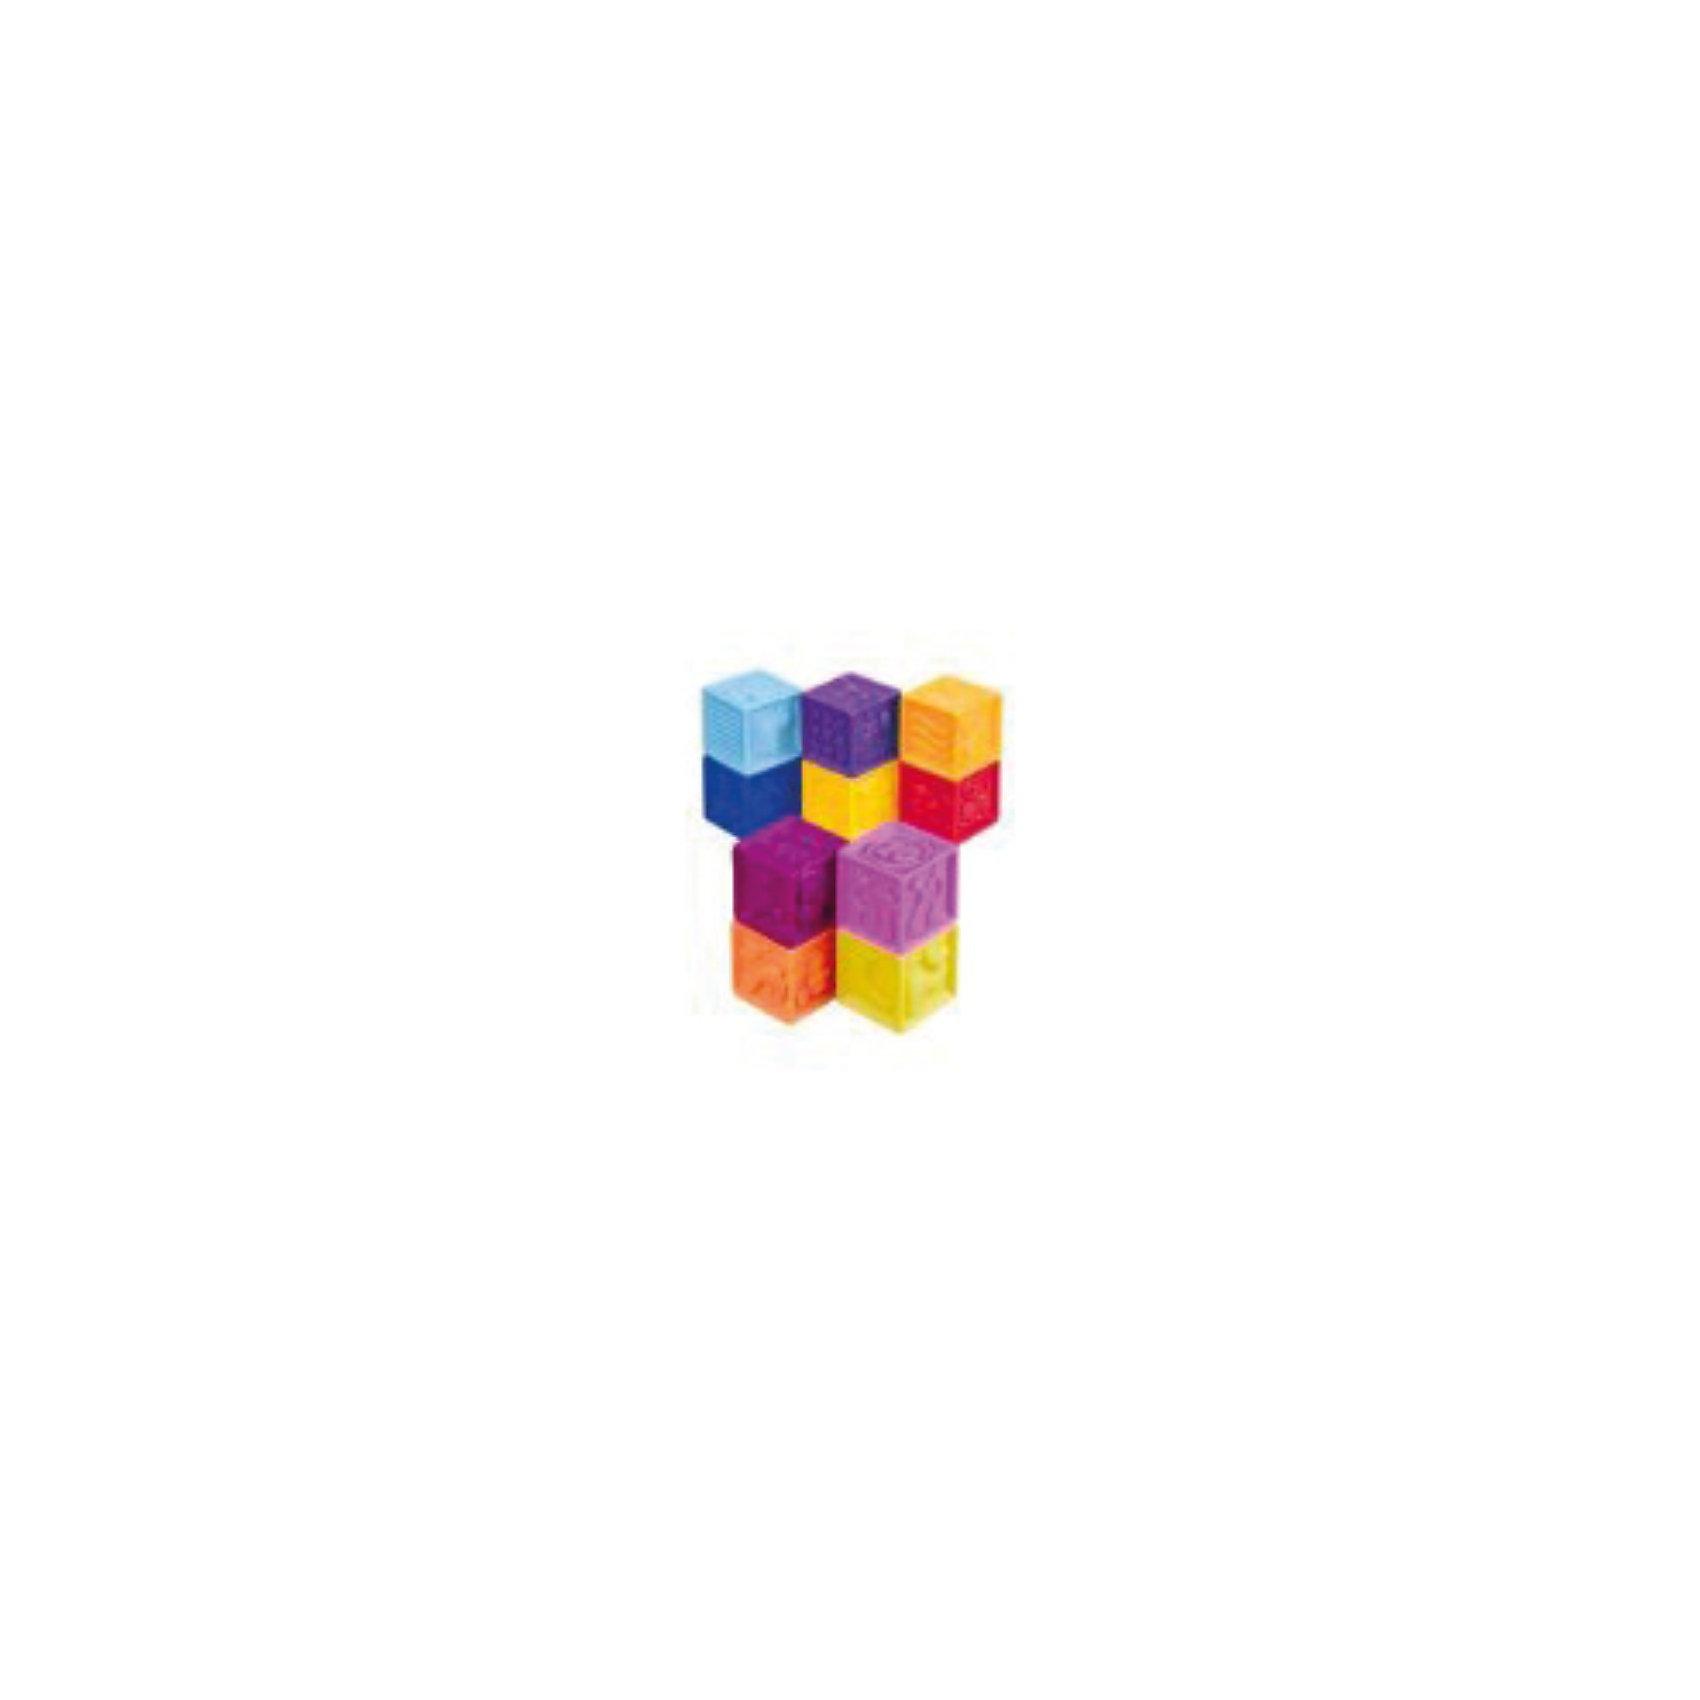 Мягкие кубики, B DOT от myToys